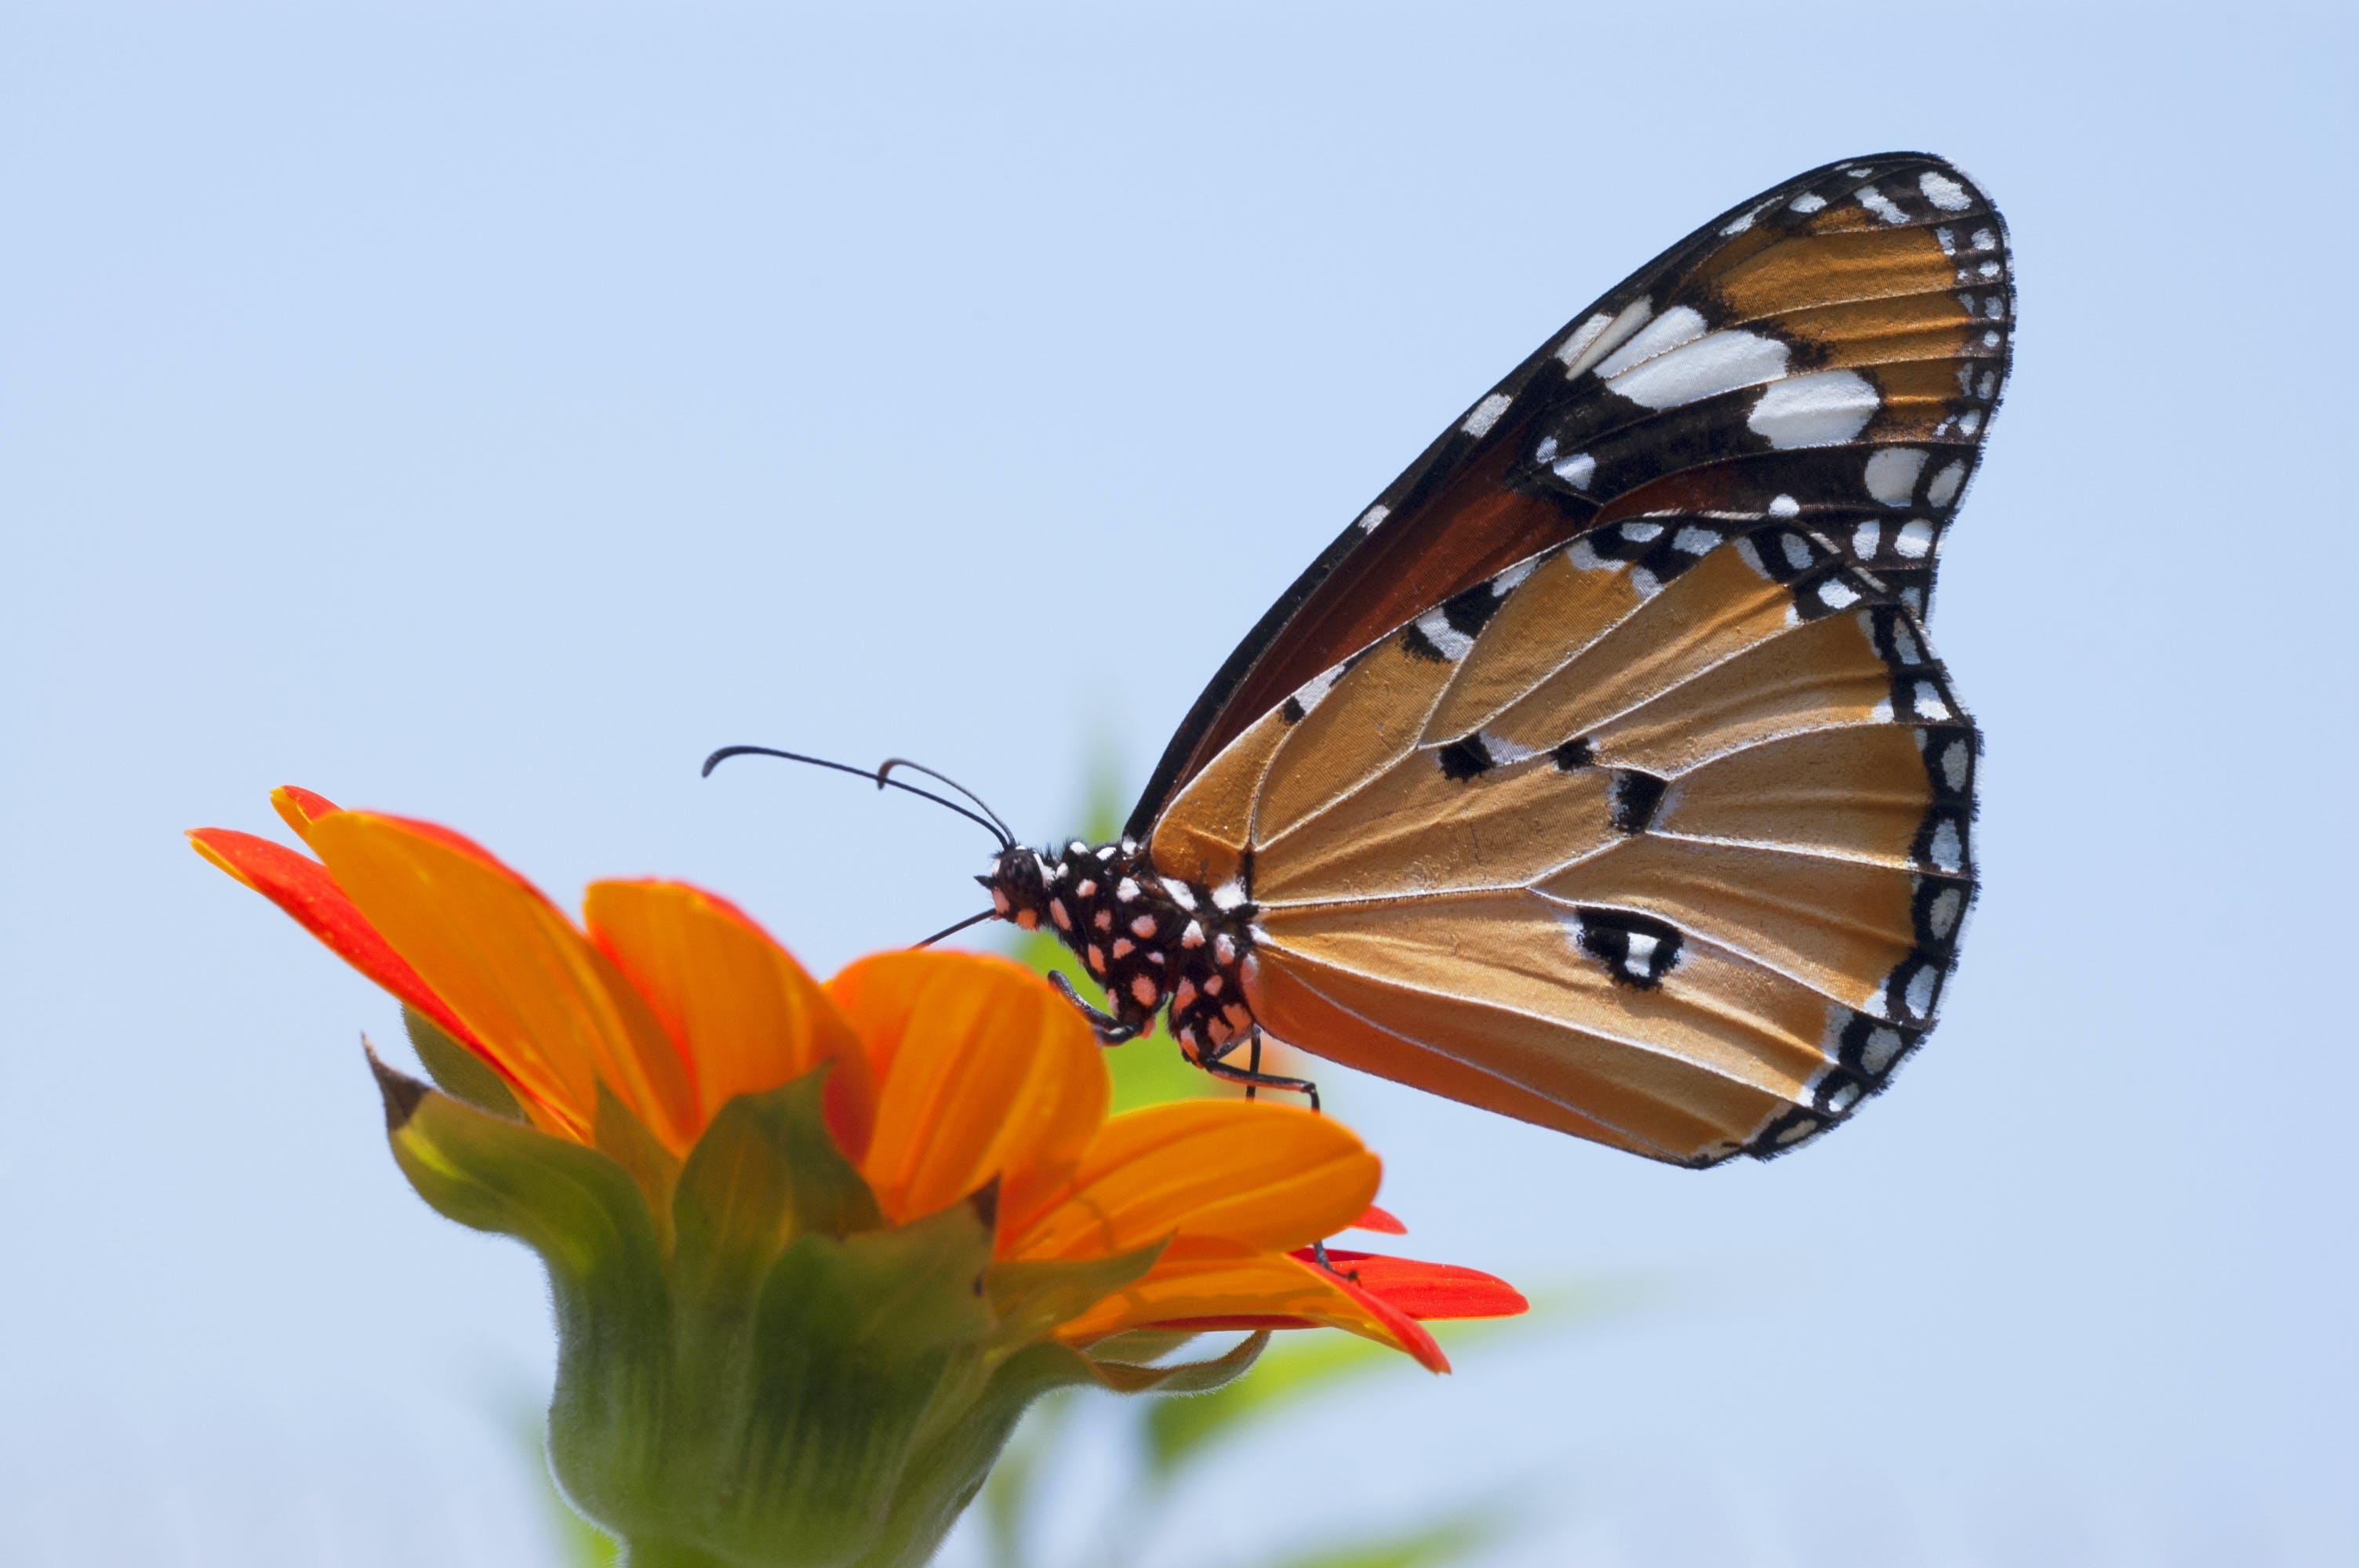 Fotos de stock gratuitas de alas, animal, biología, brillante